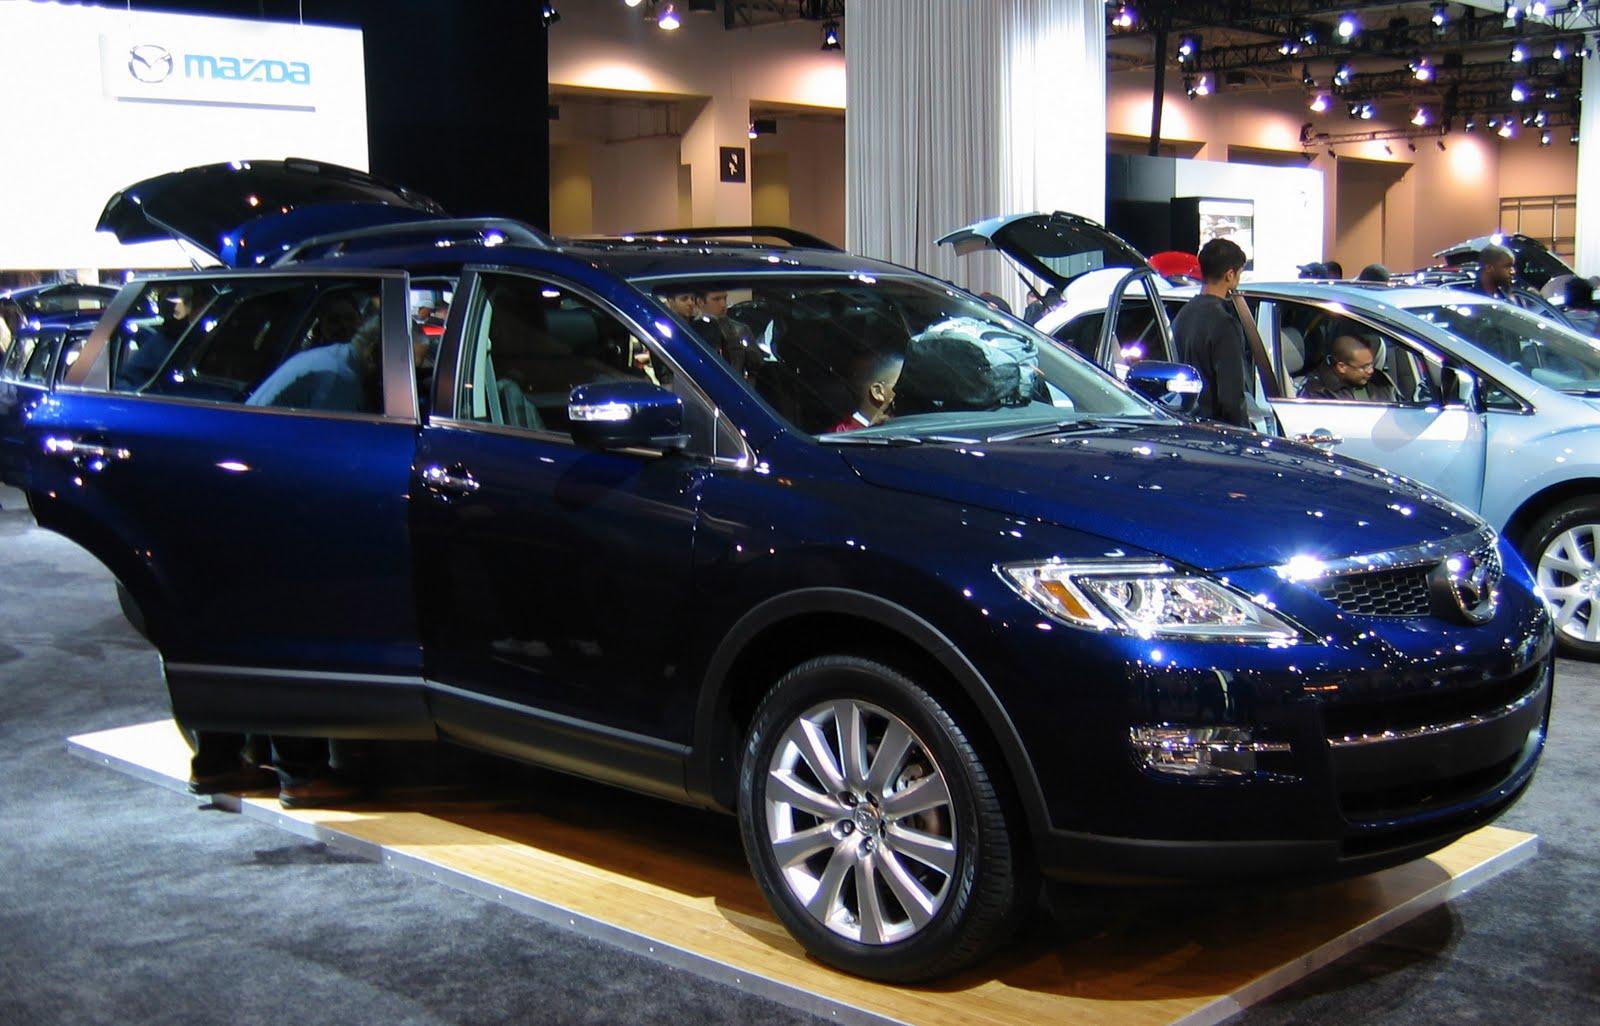 http://3.bp.blogspot.com/-fRazMN3nQUc/TfOw8WKvZFI/AAAAAAAAAcE/3rry3rLzOnA/s1600/Mazda_cx9-2007washauto.jpg